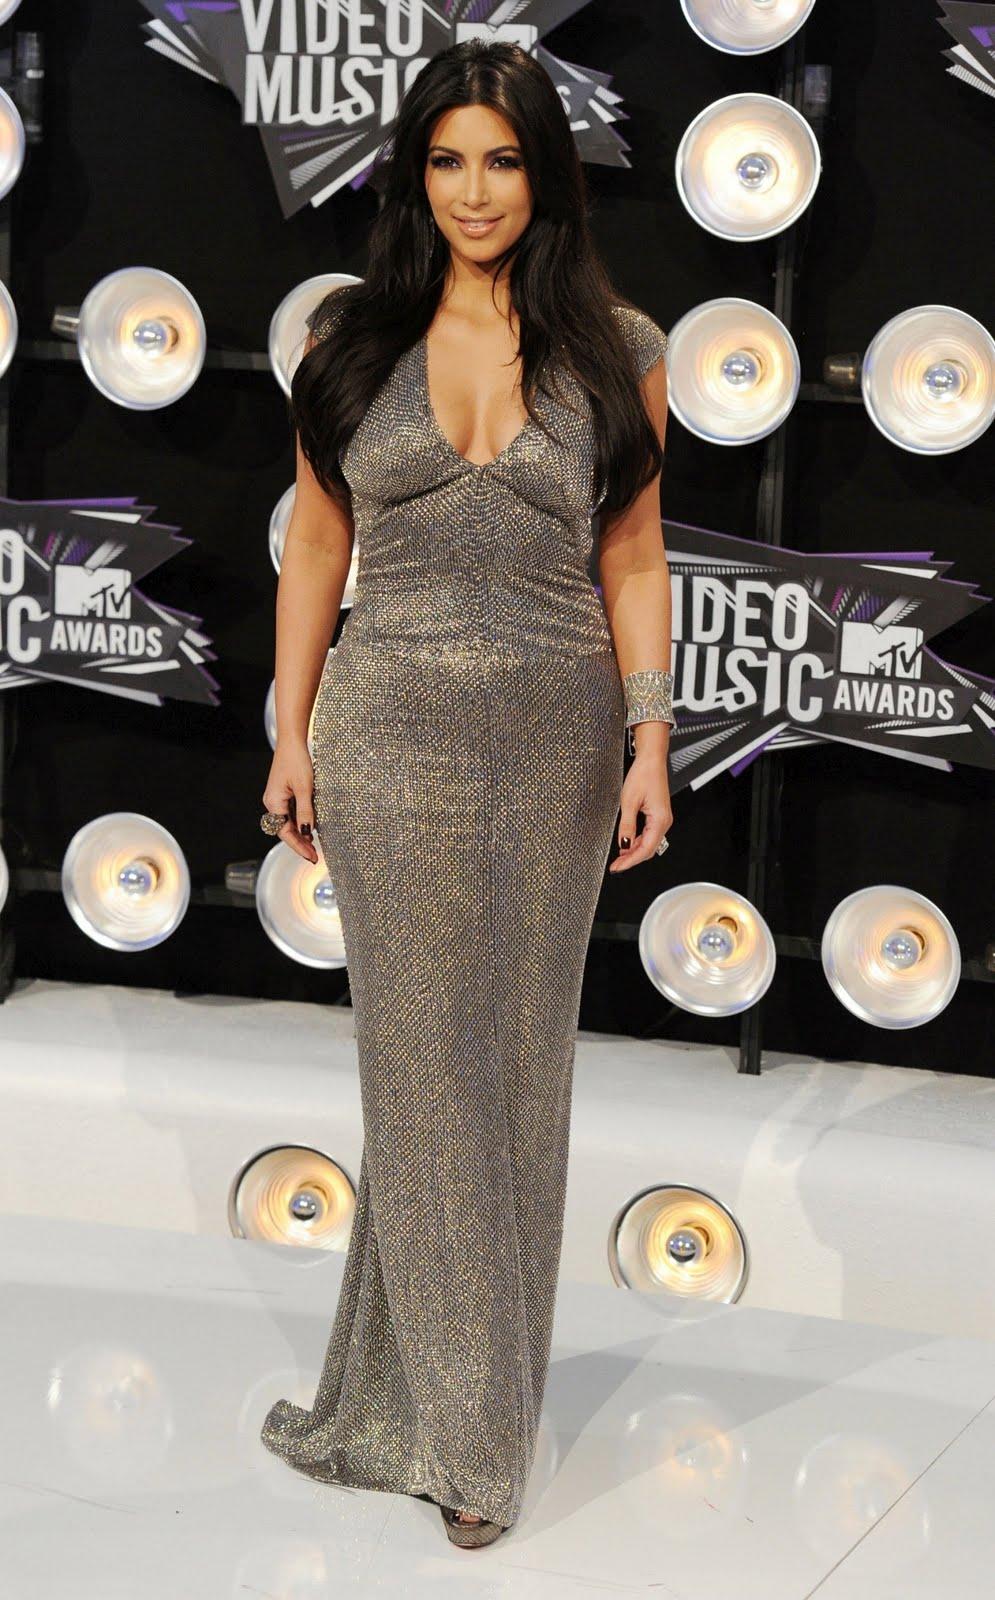 http://2.bp.blogspot.com/-ttnnV6Iit8I/TqP3LBuYUsI/AAAAAAAAFRg/GwDplyZveEc/s1600/Kim-Kardashian-116.jpg